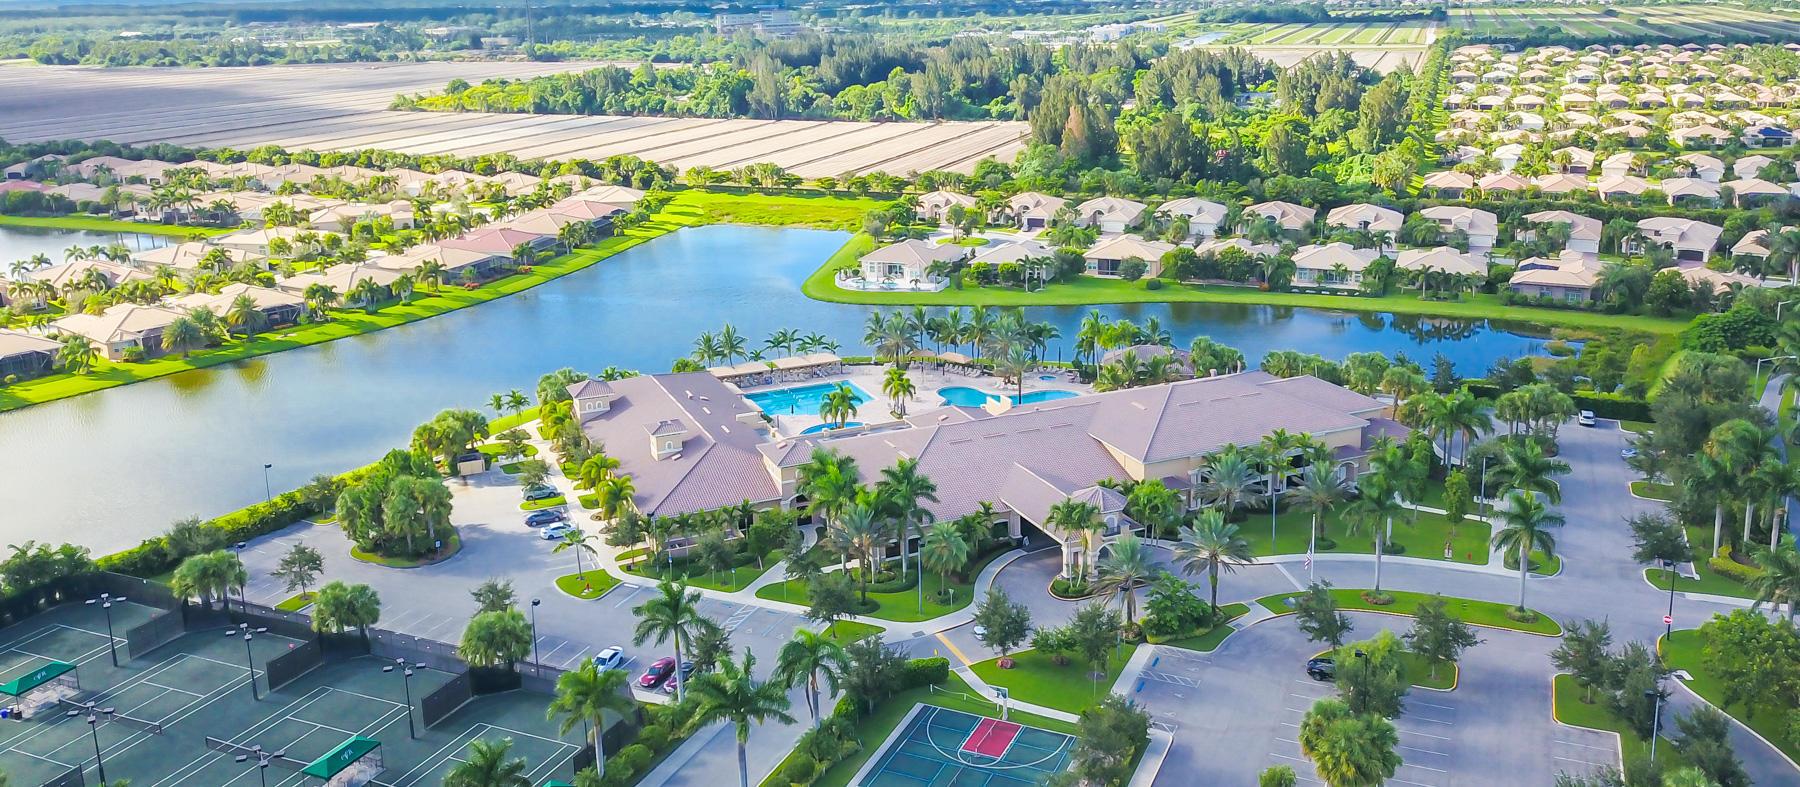 9534 Sail Palm Court Boynton Beach, FL 33473 photo 33